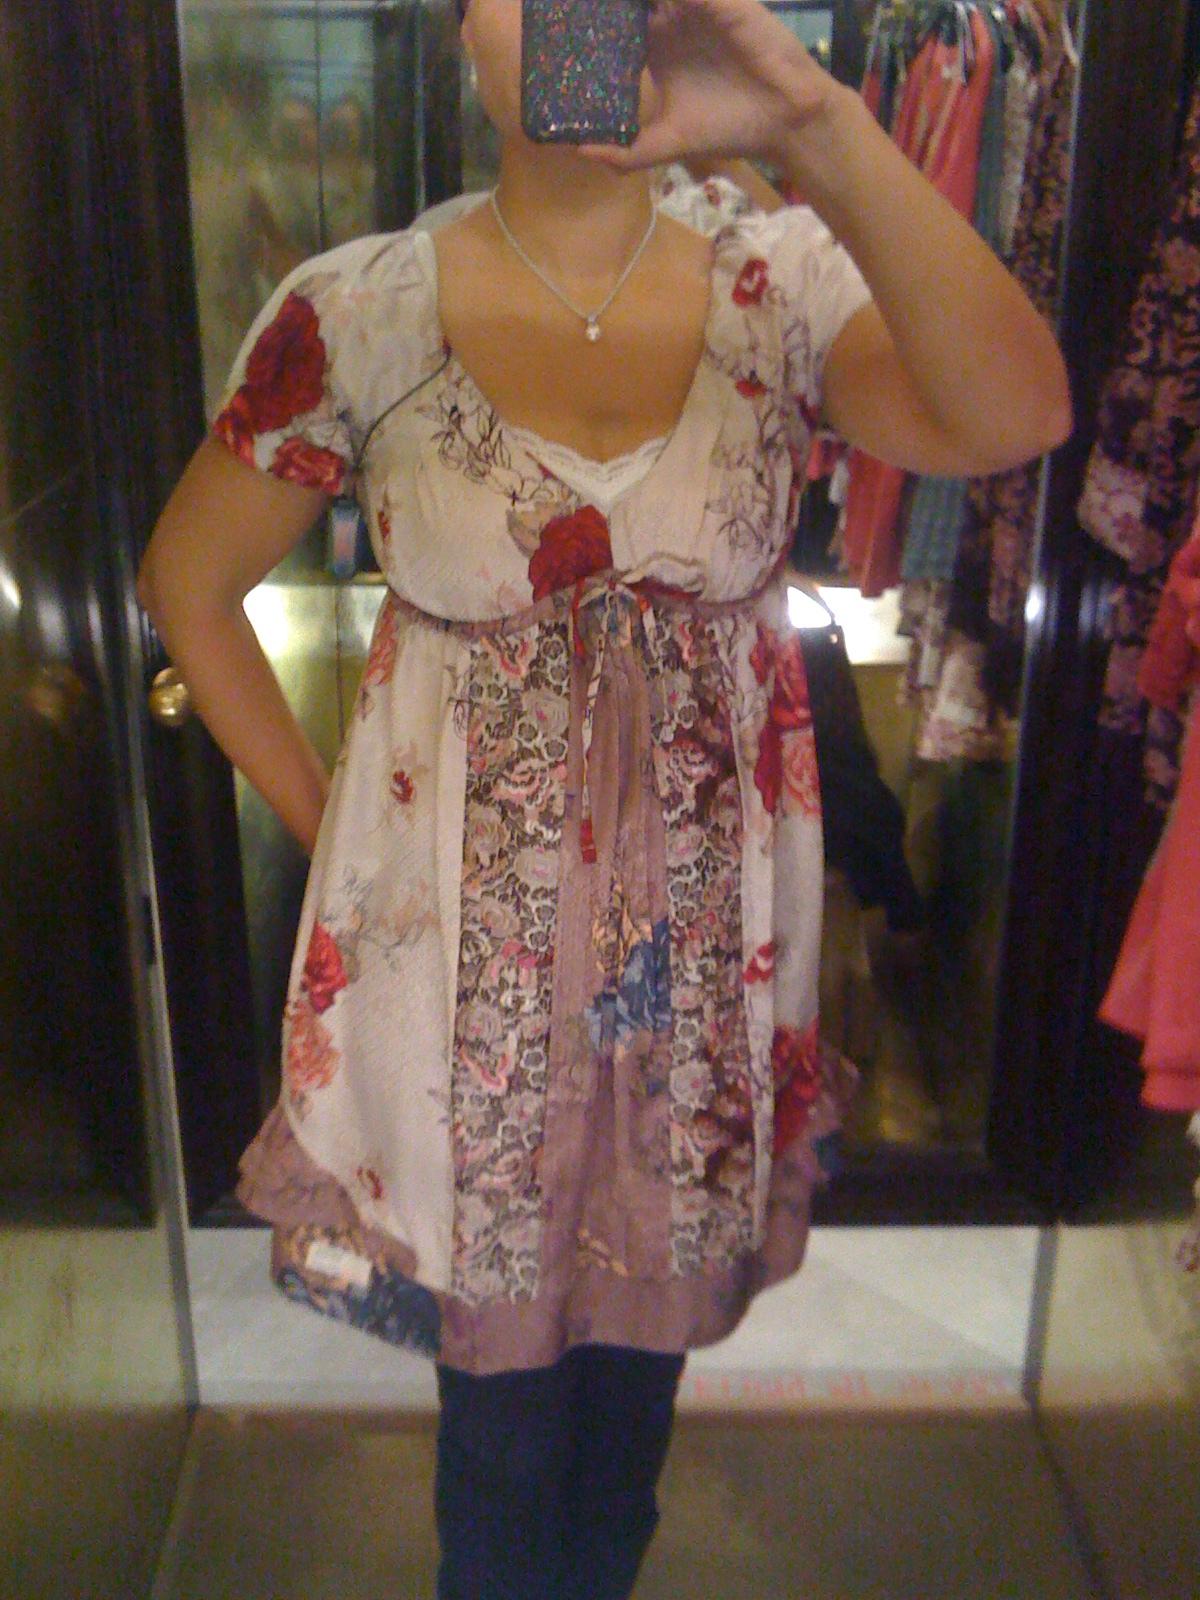 hook up dress odd molly